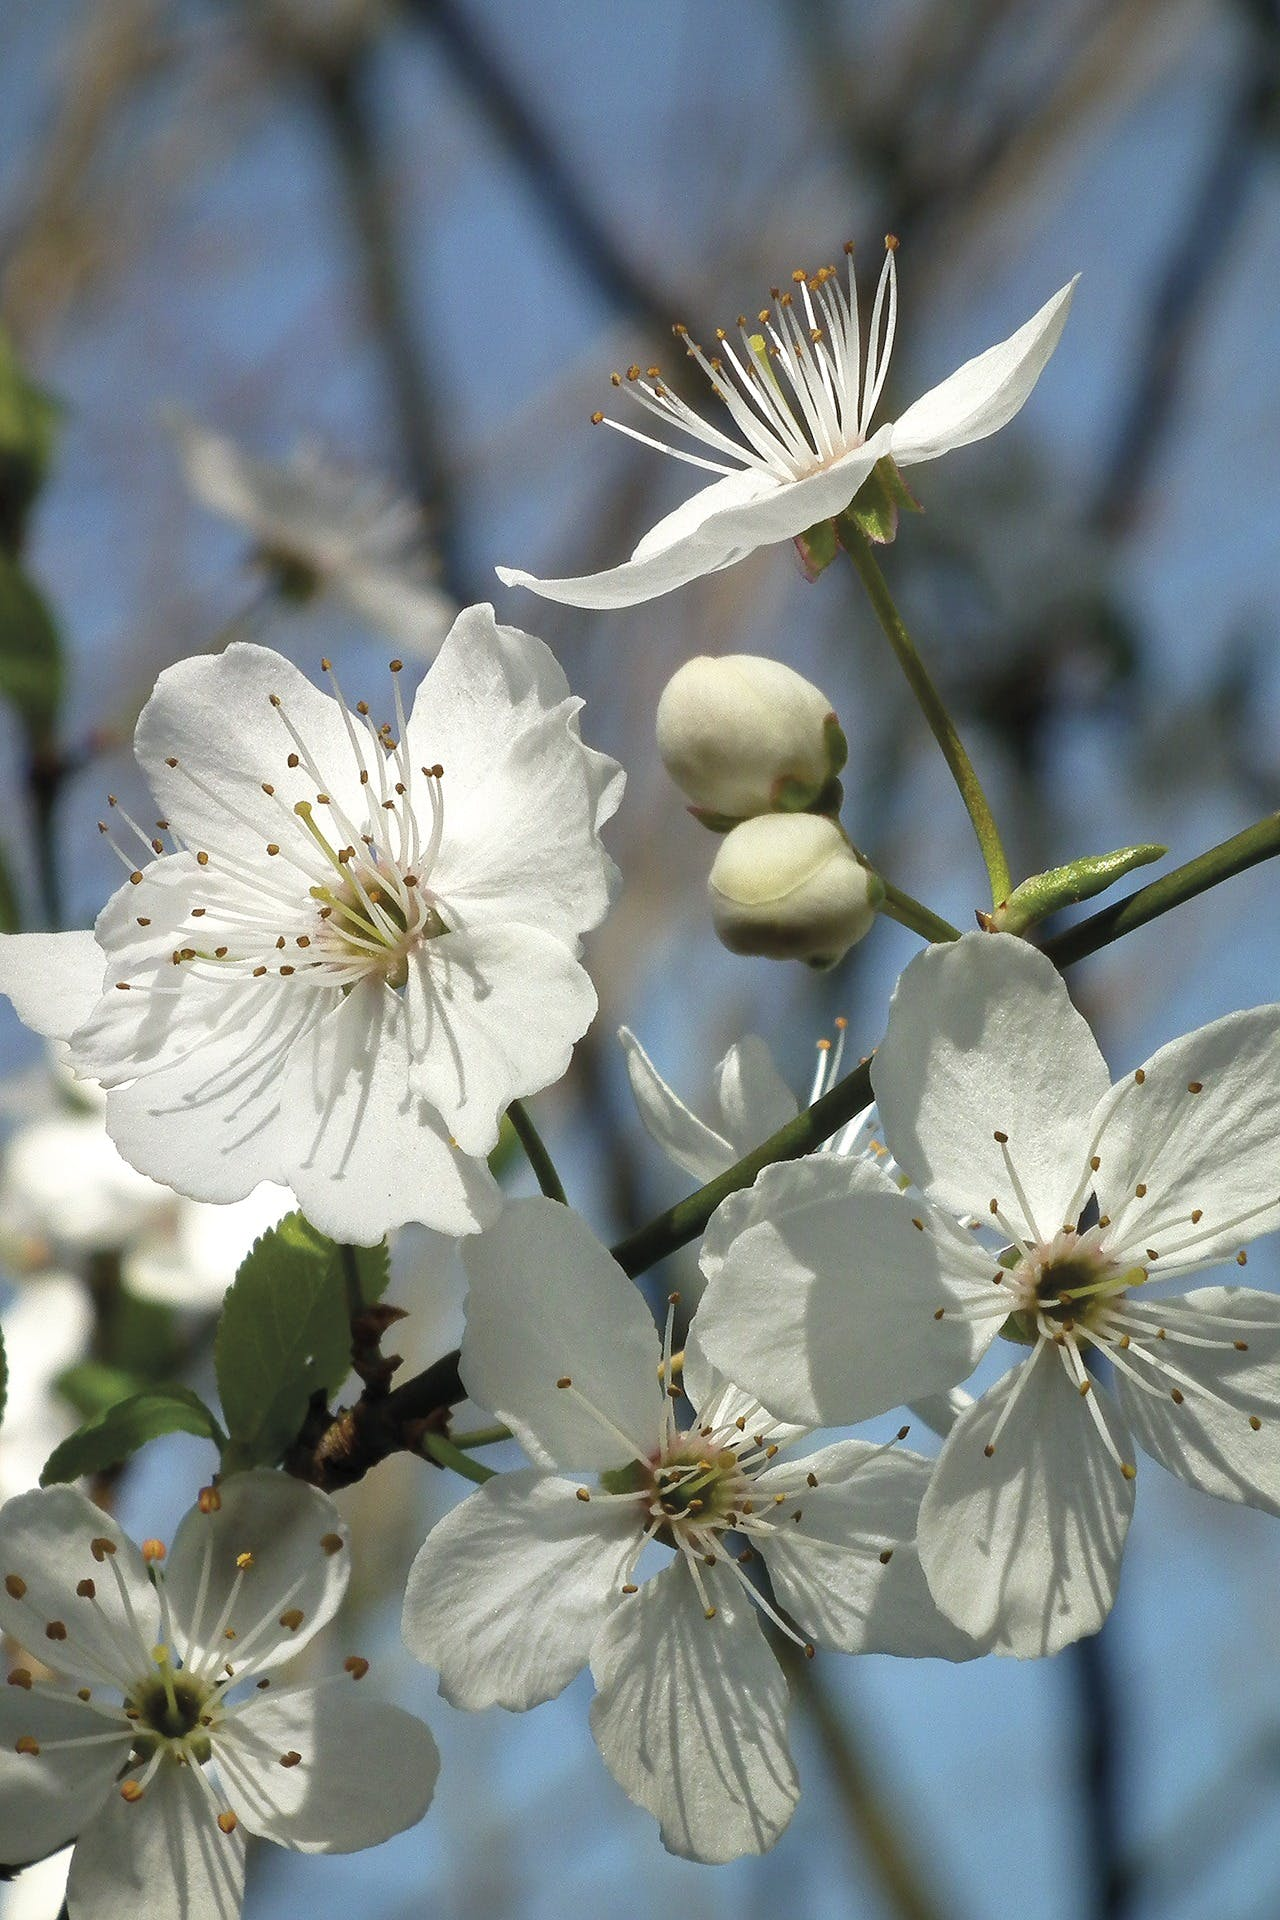 꽃, 꽃가루, 꽃무늬, 벚꽃의 무료 스톡 사진